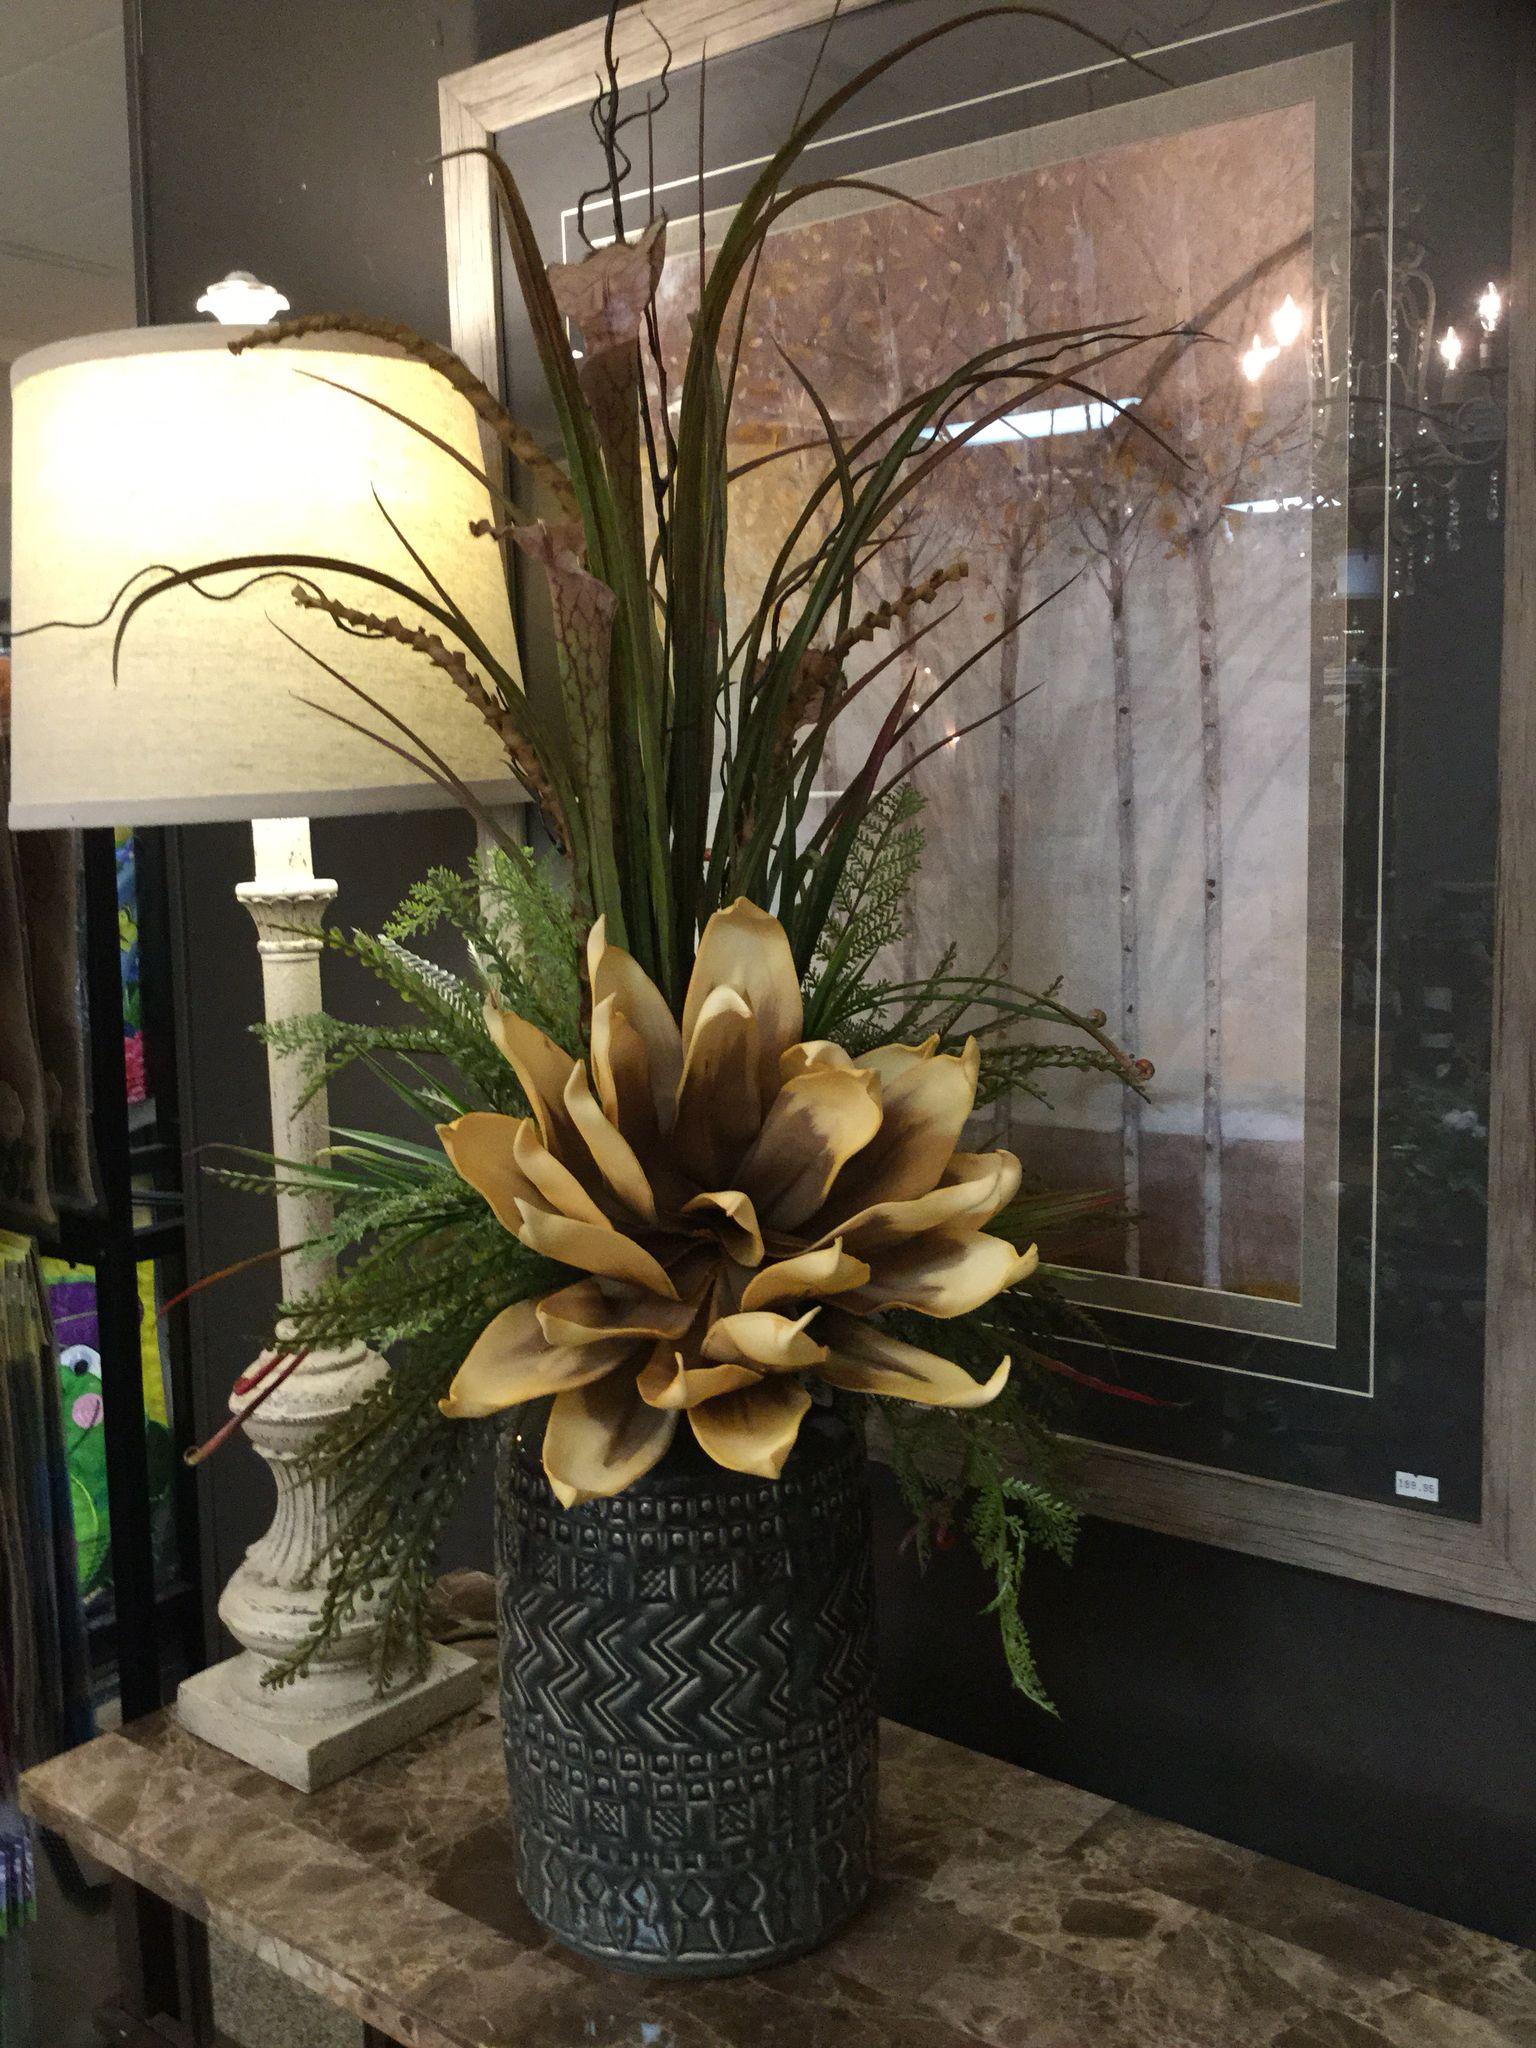 Areglo Floral Arreglo Floral En 2019 Decorar Con Flores